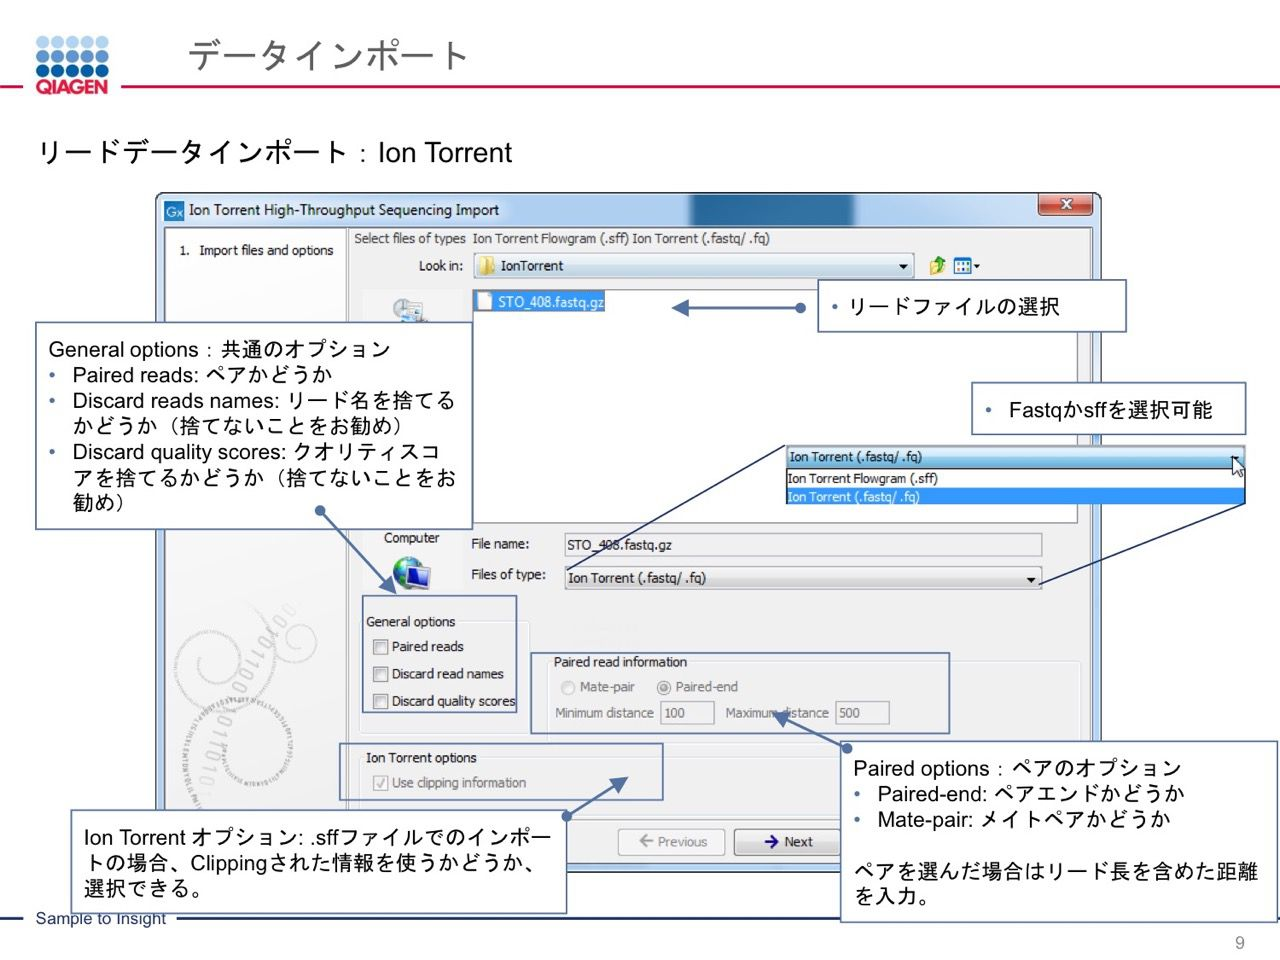 images/AJACSa2_miyamoto_009.jpg